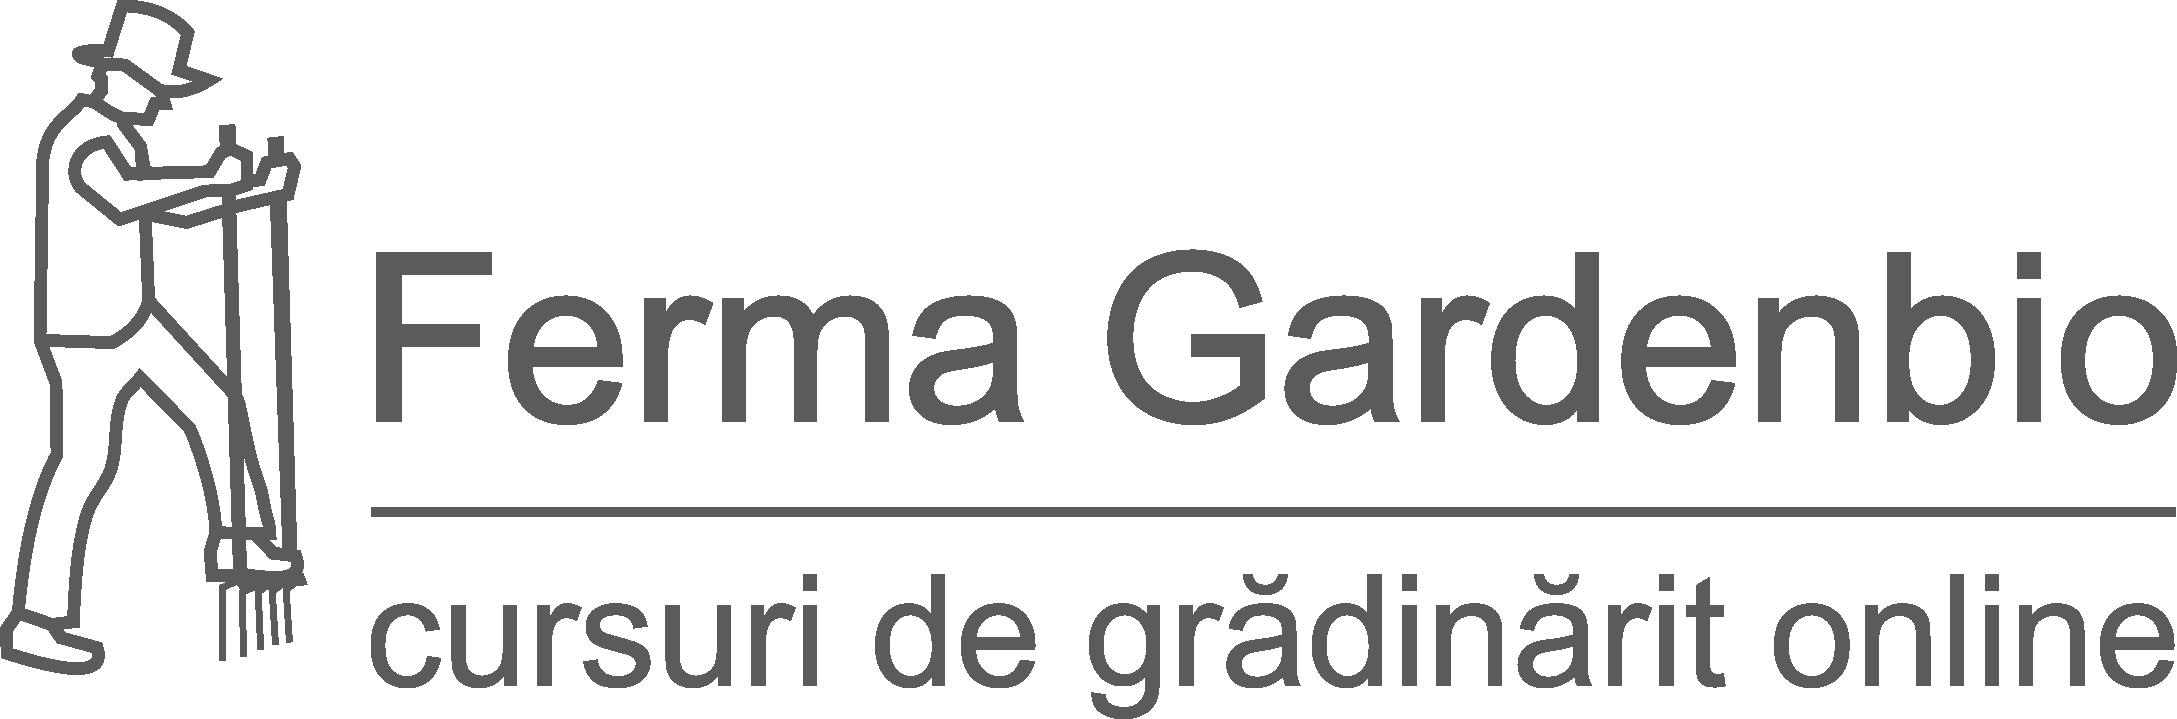 Ferma Gardenbio – Cursuri on-line de grădinărit